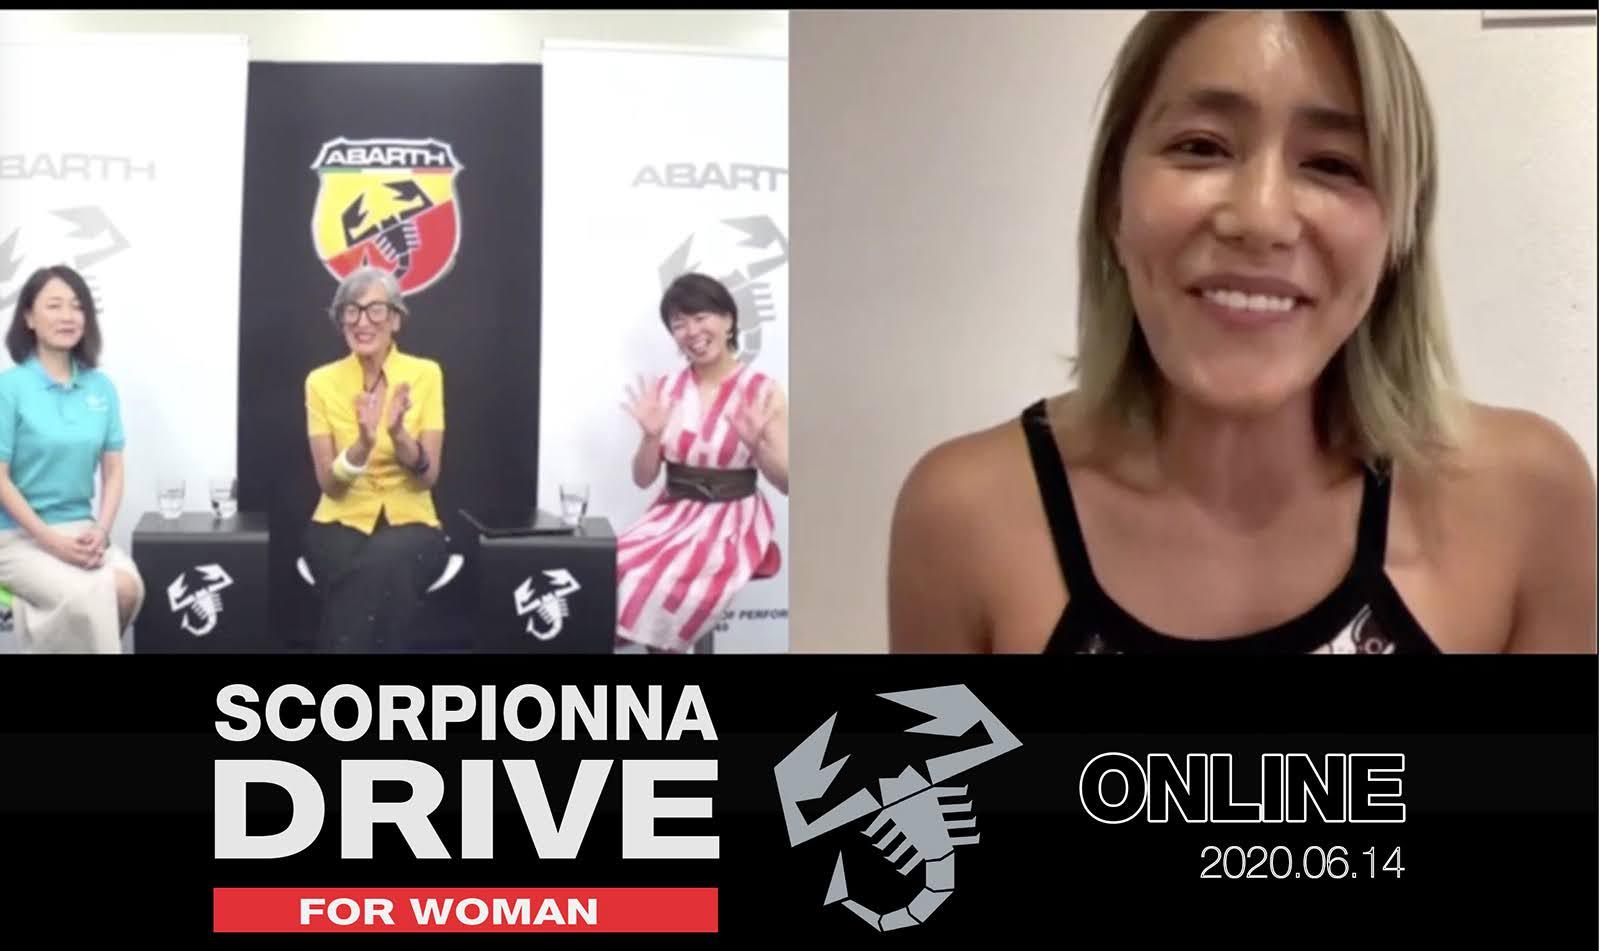 第1回SCORPIONNAオンライントークショー開催 第一線で活躍する女性たちが自身の「挑戦」を語らう